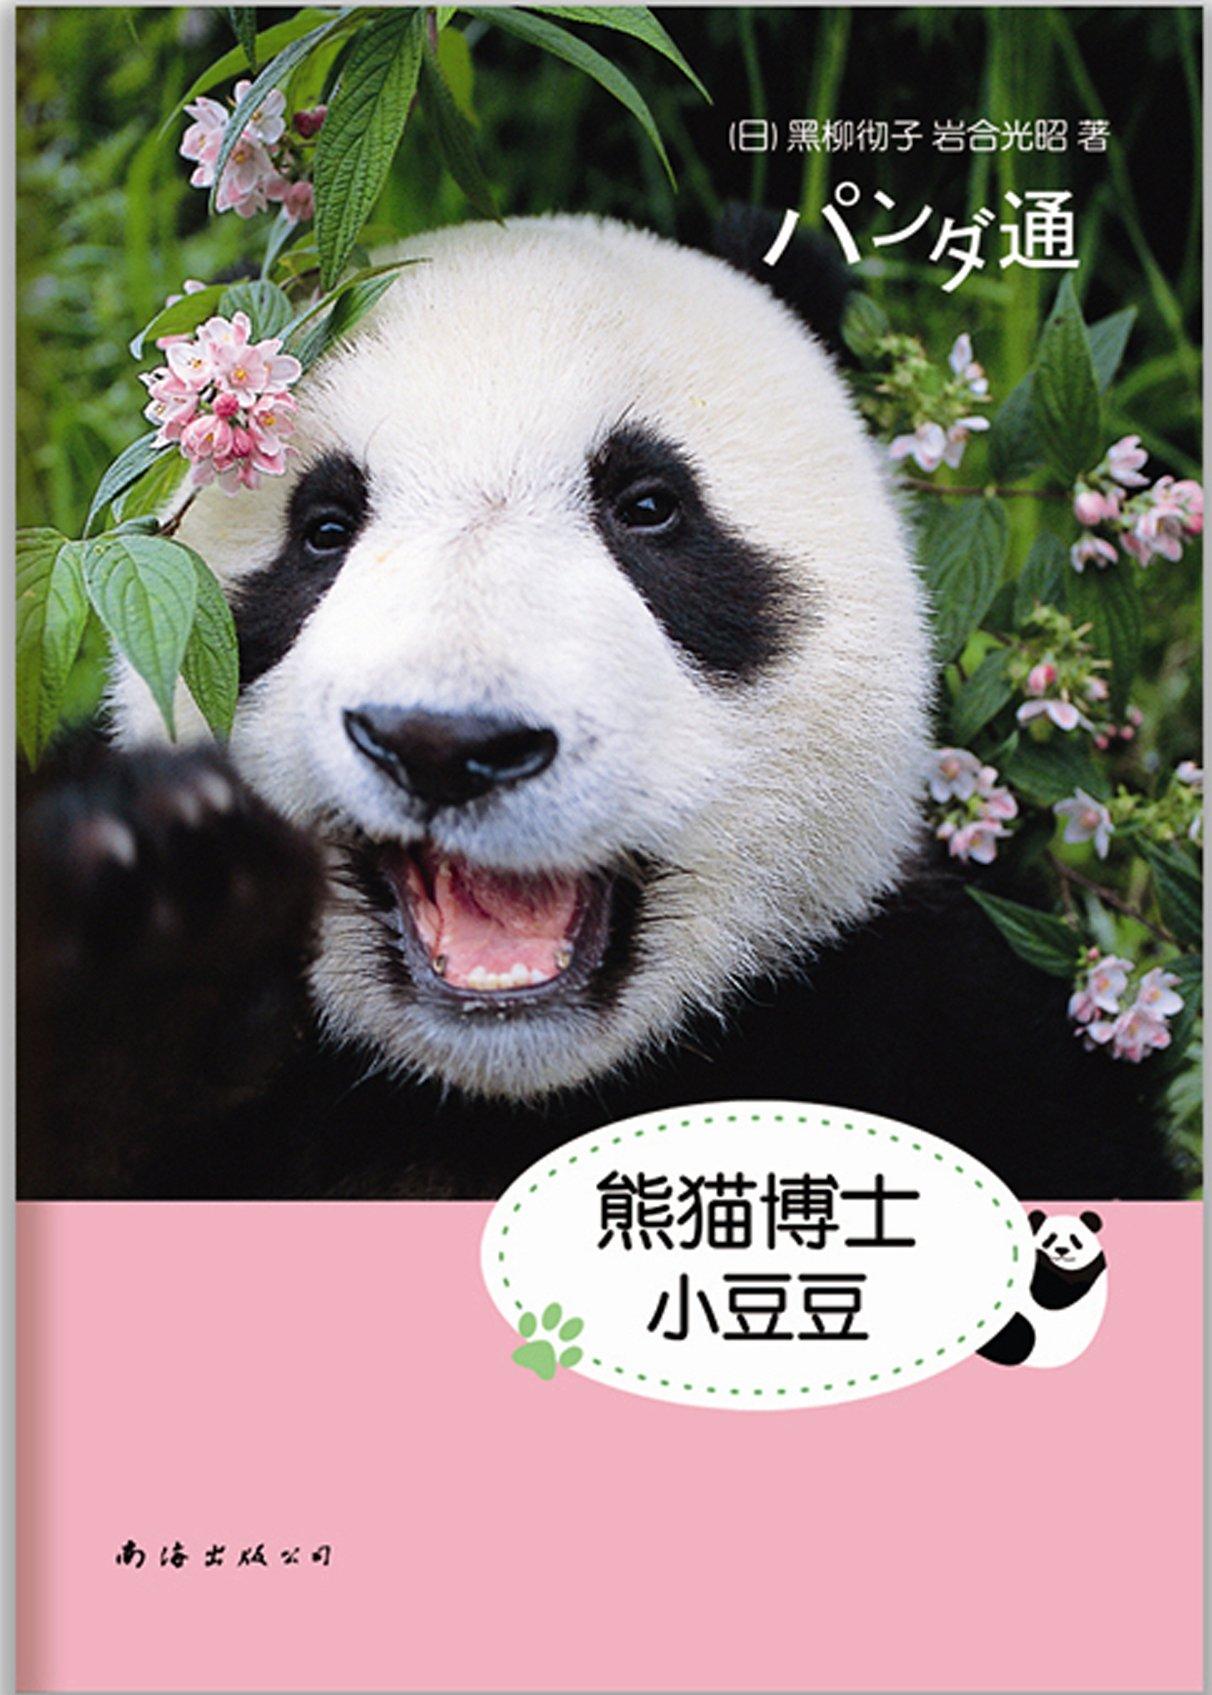 熊貓博士小豆�...